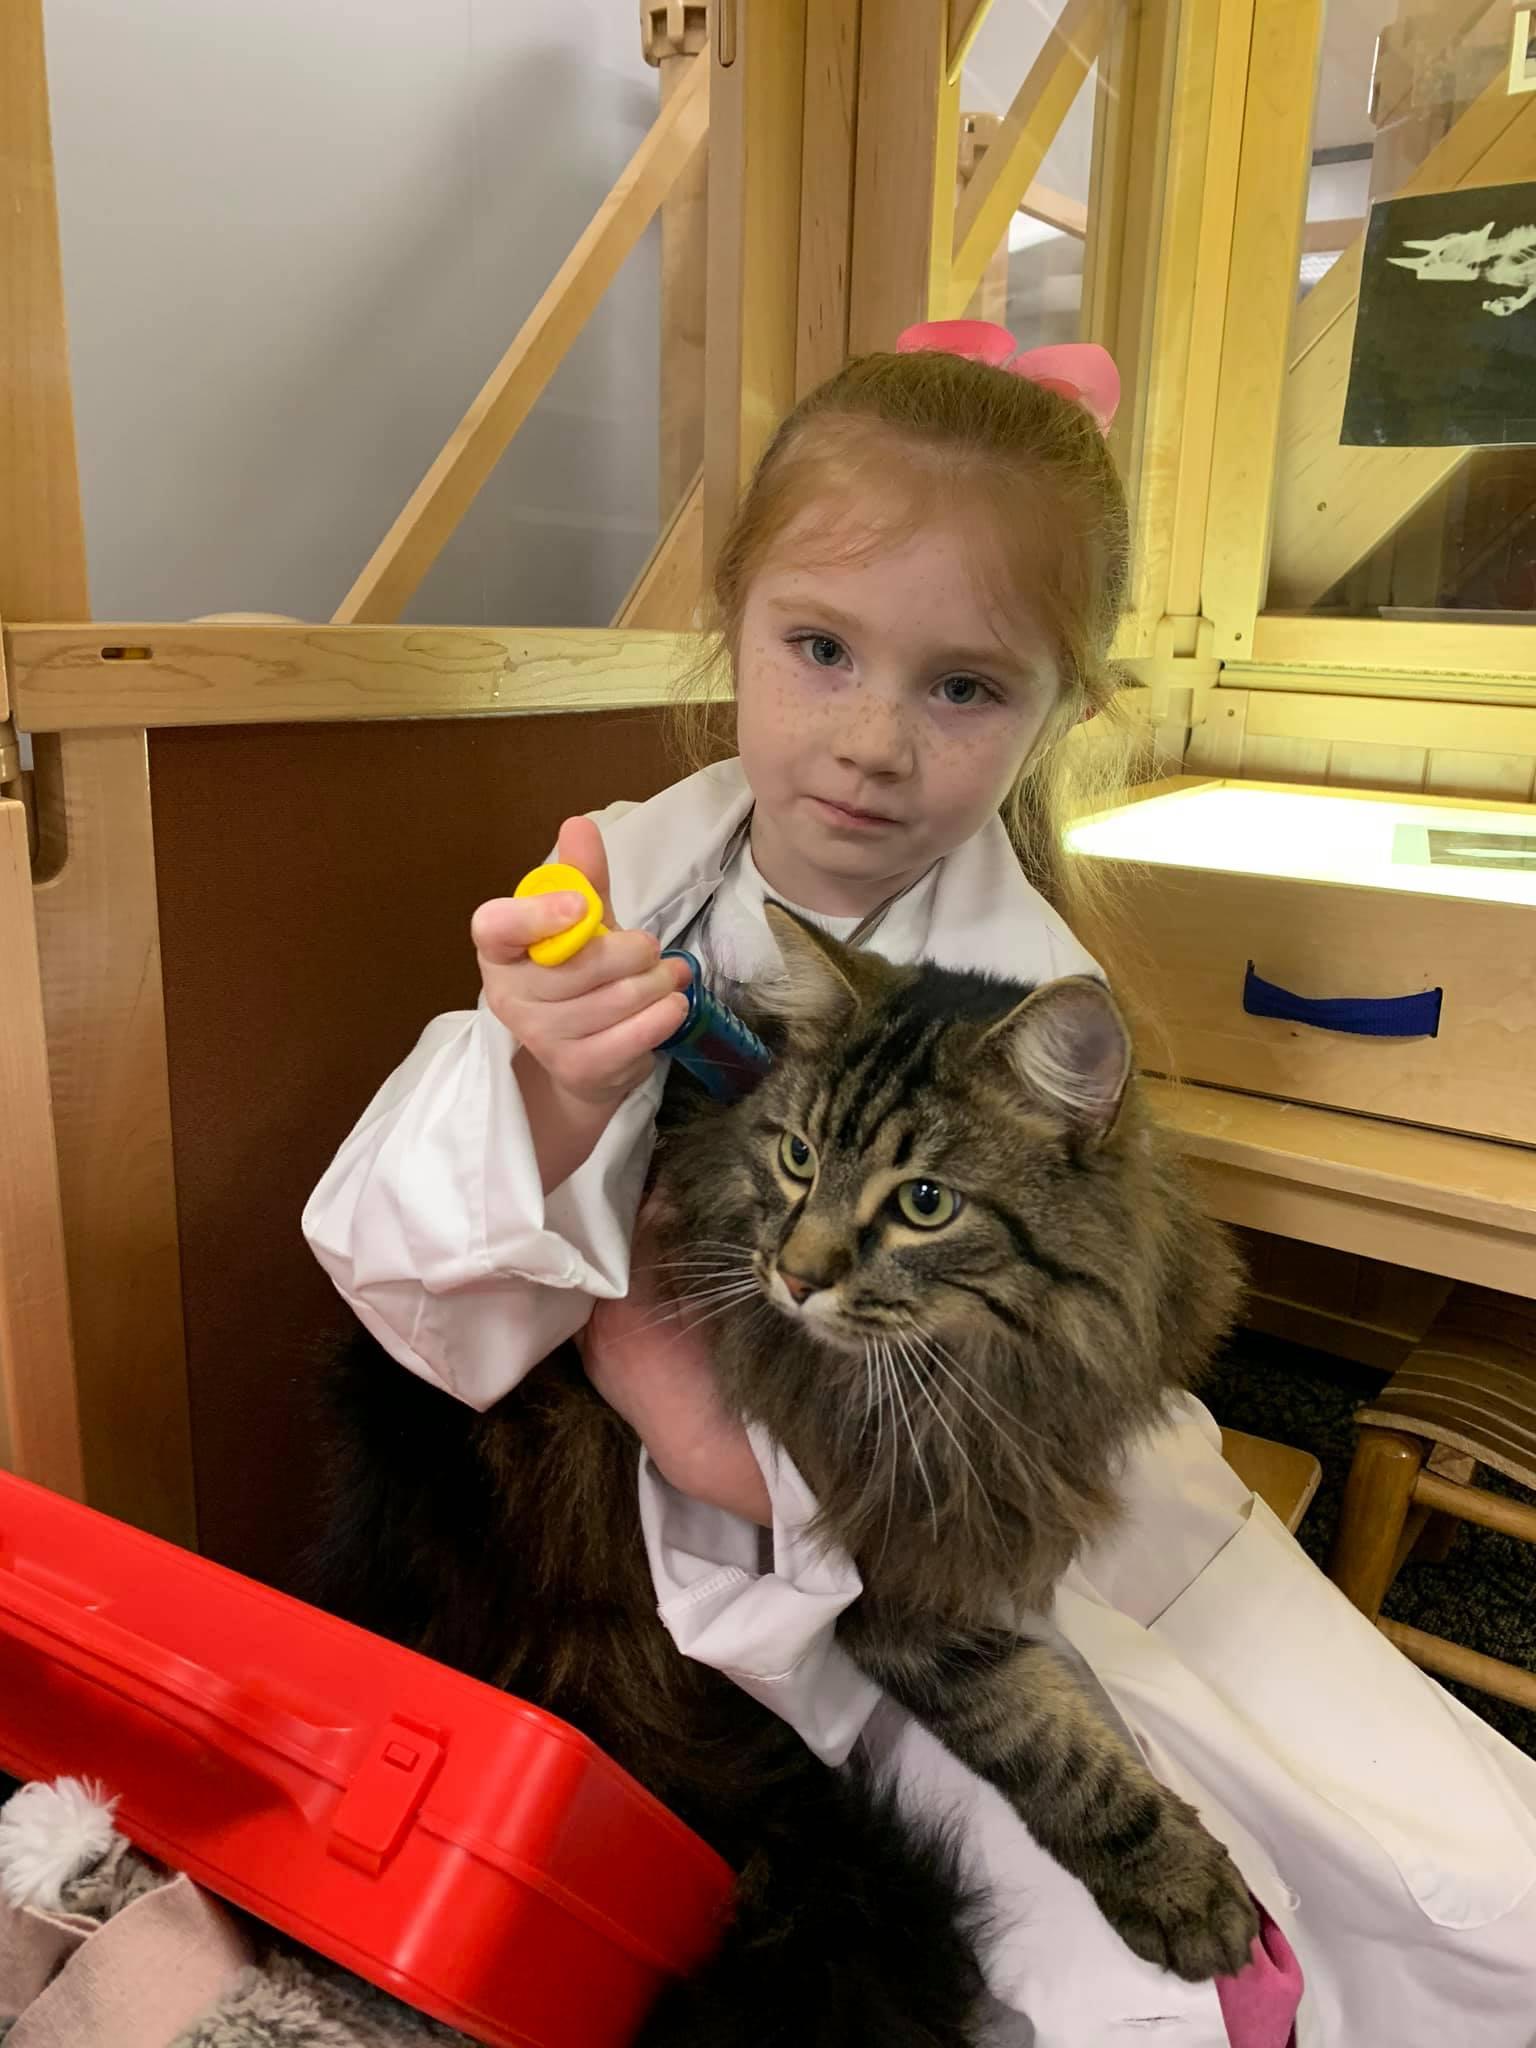 A preschooler examines Mason the cat.